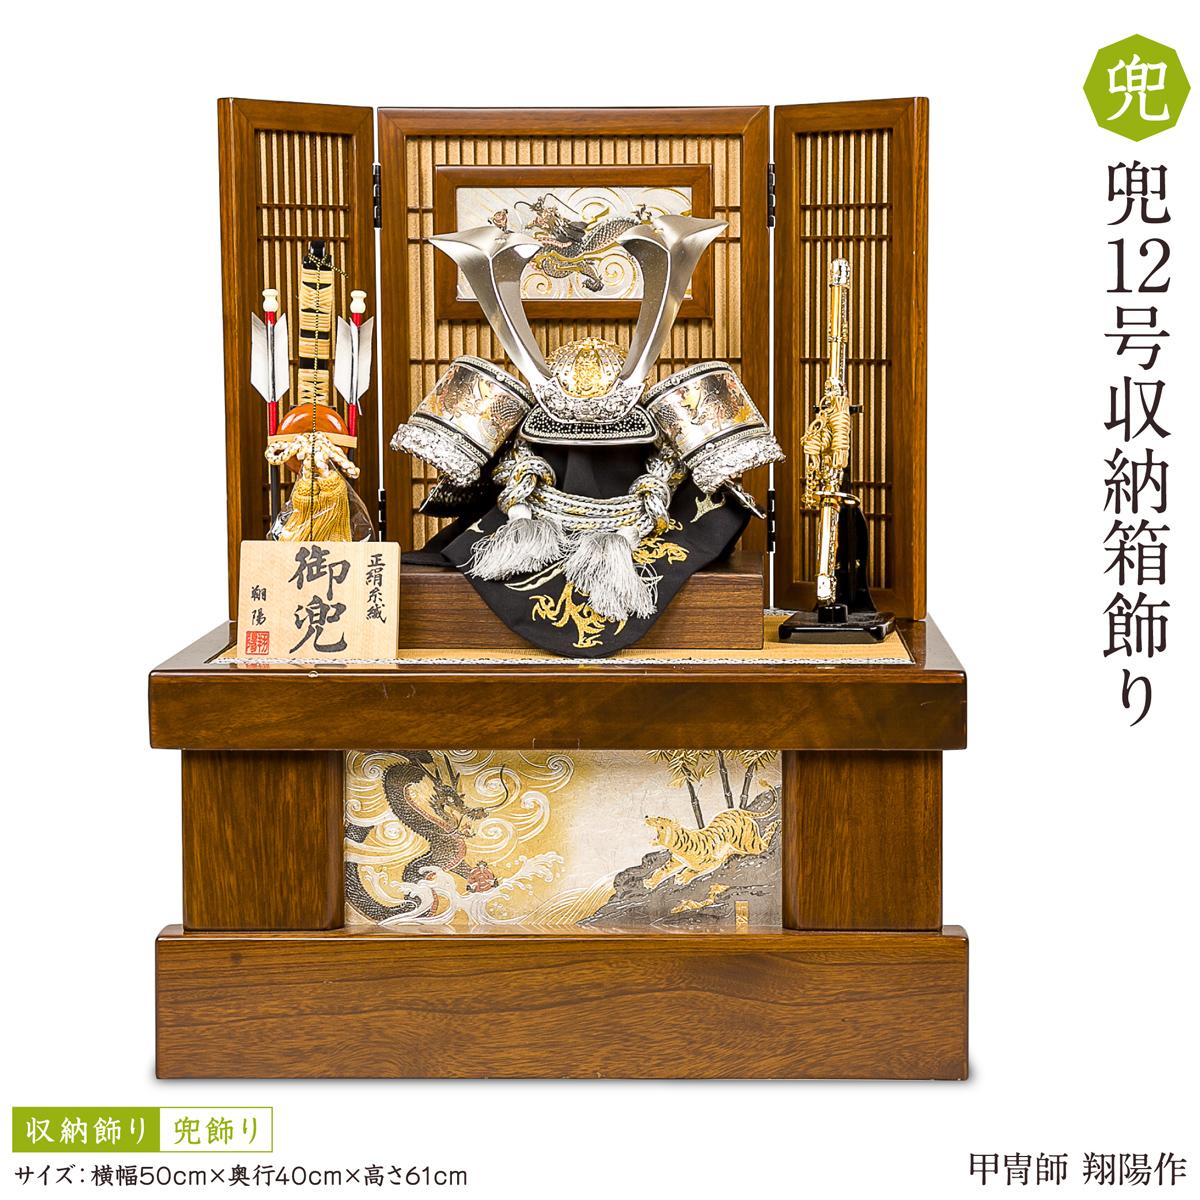 結婚祝い 五月人形 兜 兜 12号 12号 収納箱飾り 収納箱飾り, きれん製菓:b9445d7f --- promilahcn.com